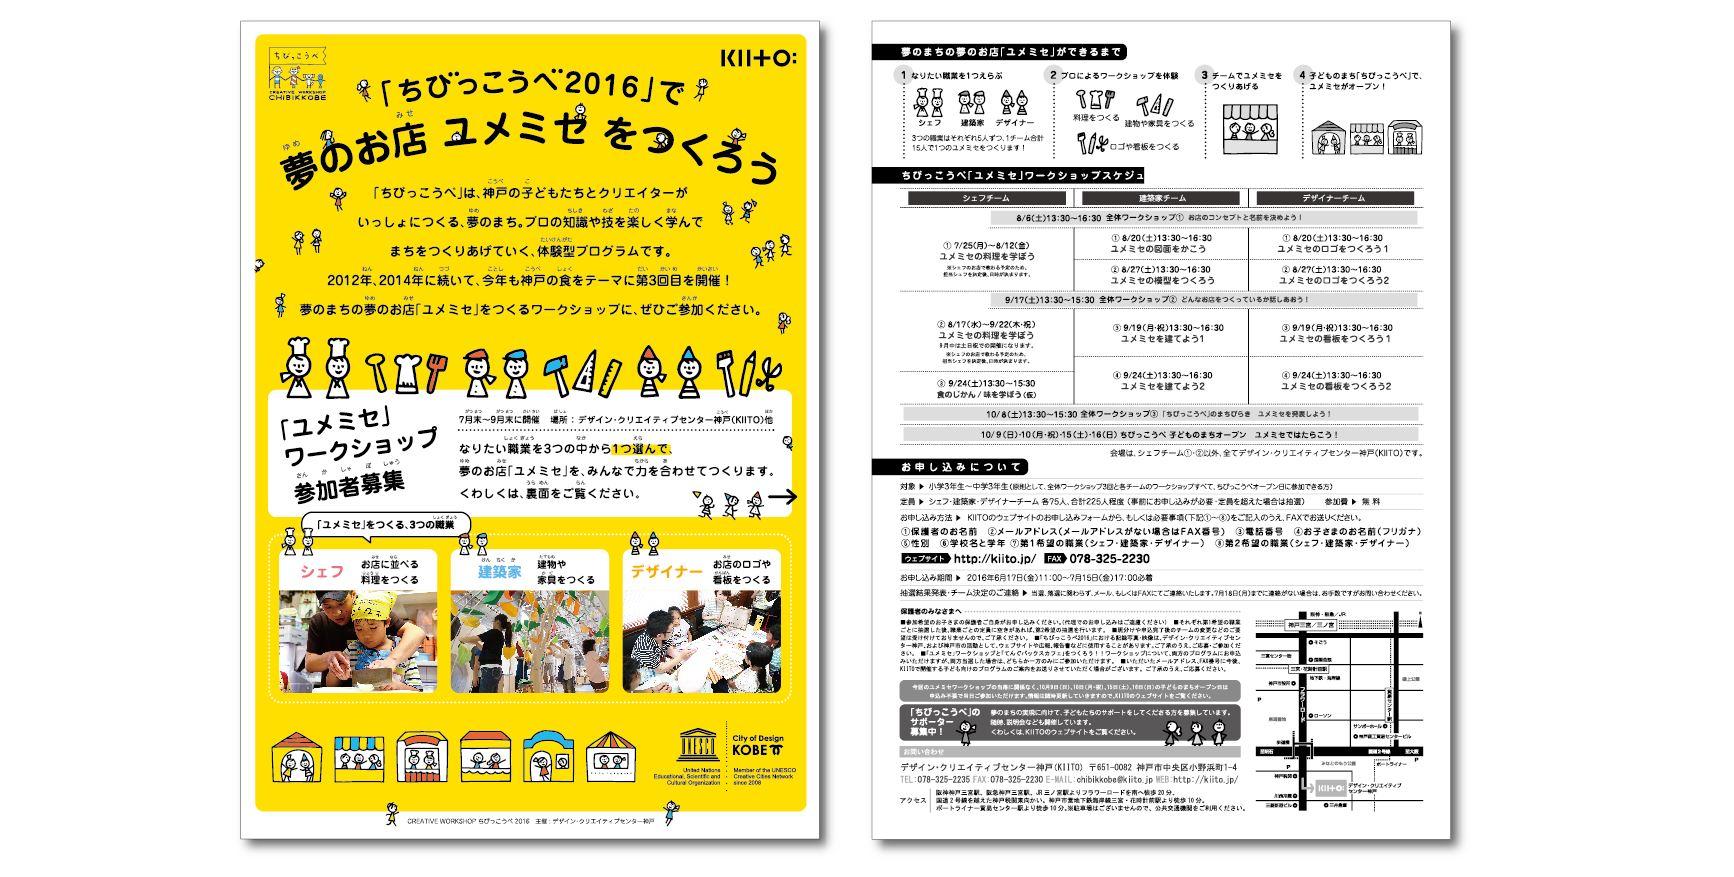 ck2016_yumemise_flyer_A4.jpg